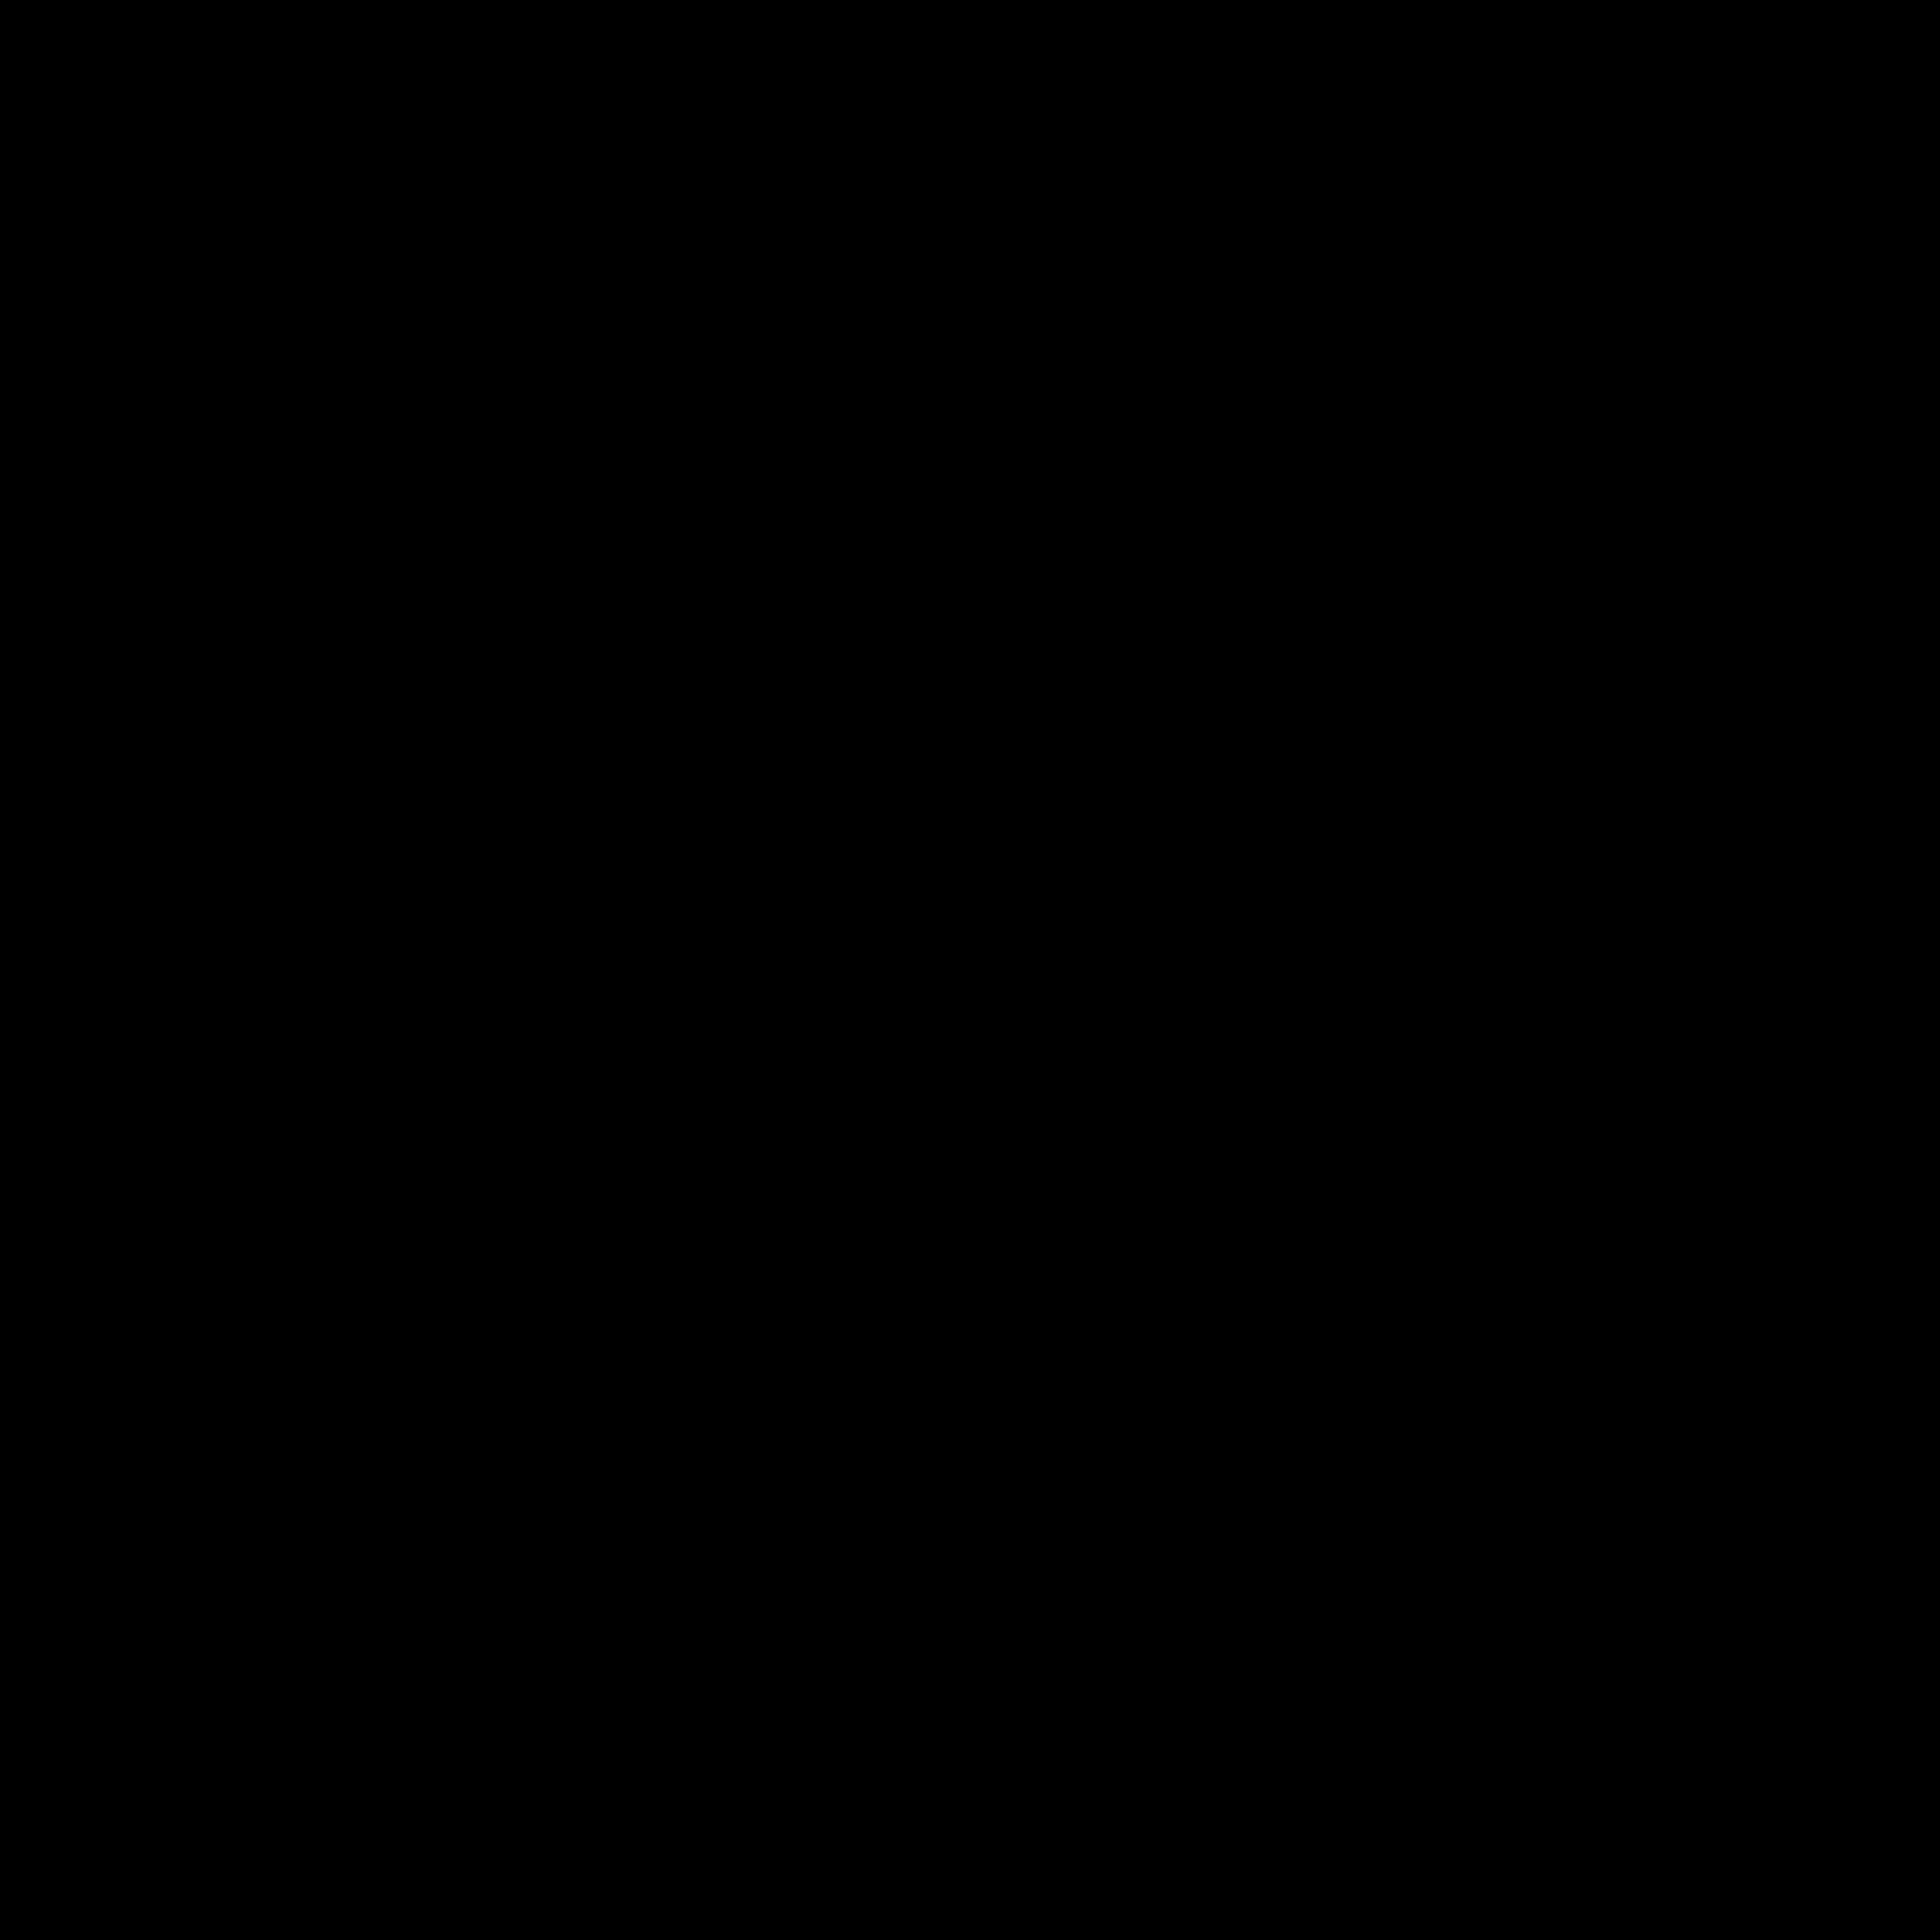 carf-logo-png-transparent (1)